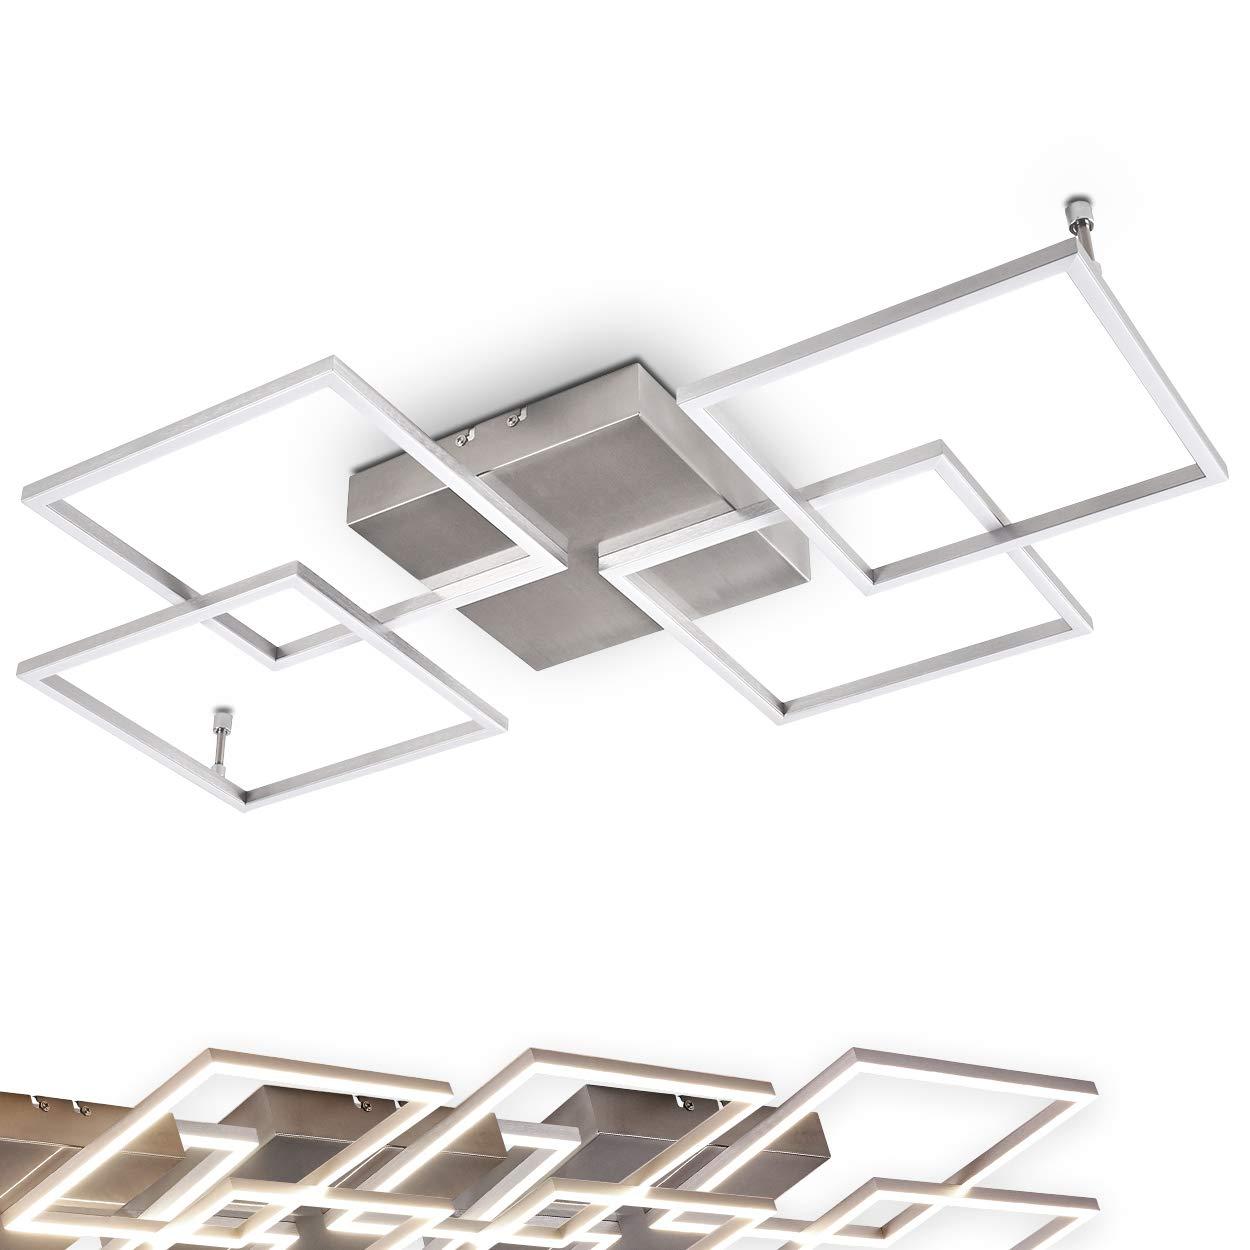 LED Deckenleuchte Veyrier stufenlos dimmbar aus Metall in Stahl Stahl Stahl gebürstet, LED Zimmerlampe im futuristischen Design, 4-flammige Wohnzimmerlampe, 3000 Kelvin, 1800 Lumen, Deckenlampe, Flurlicht b46f60